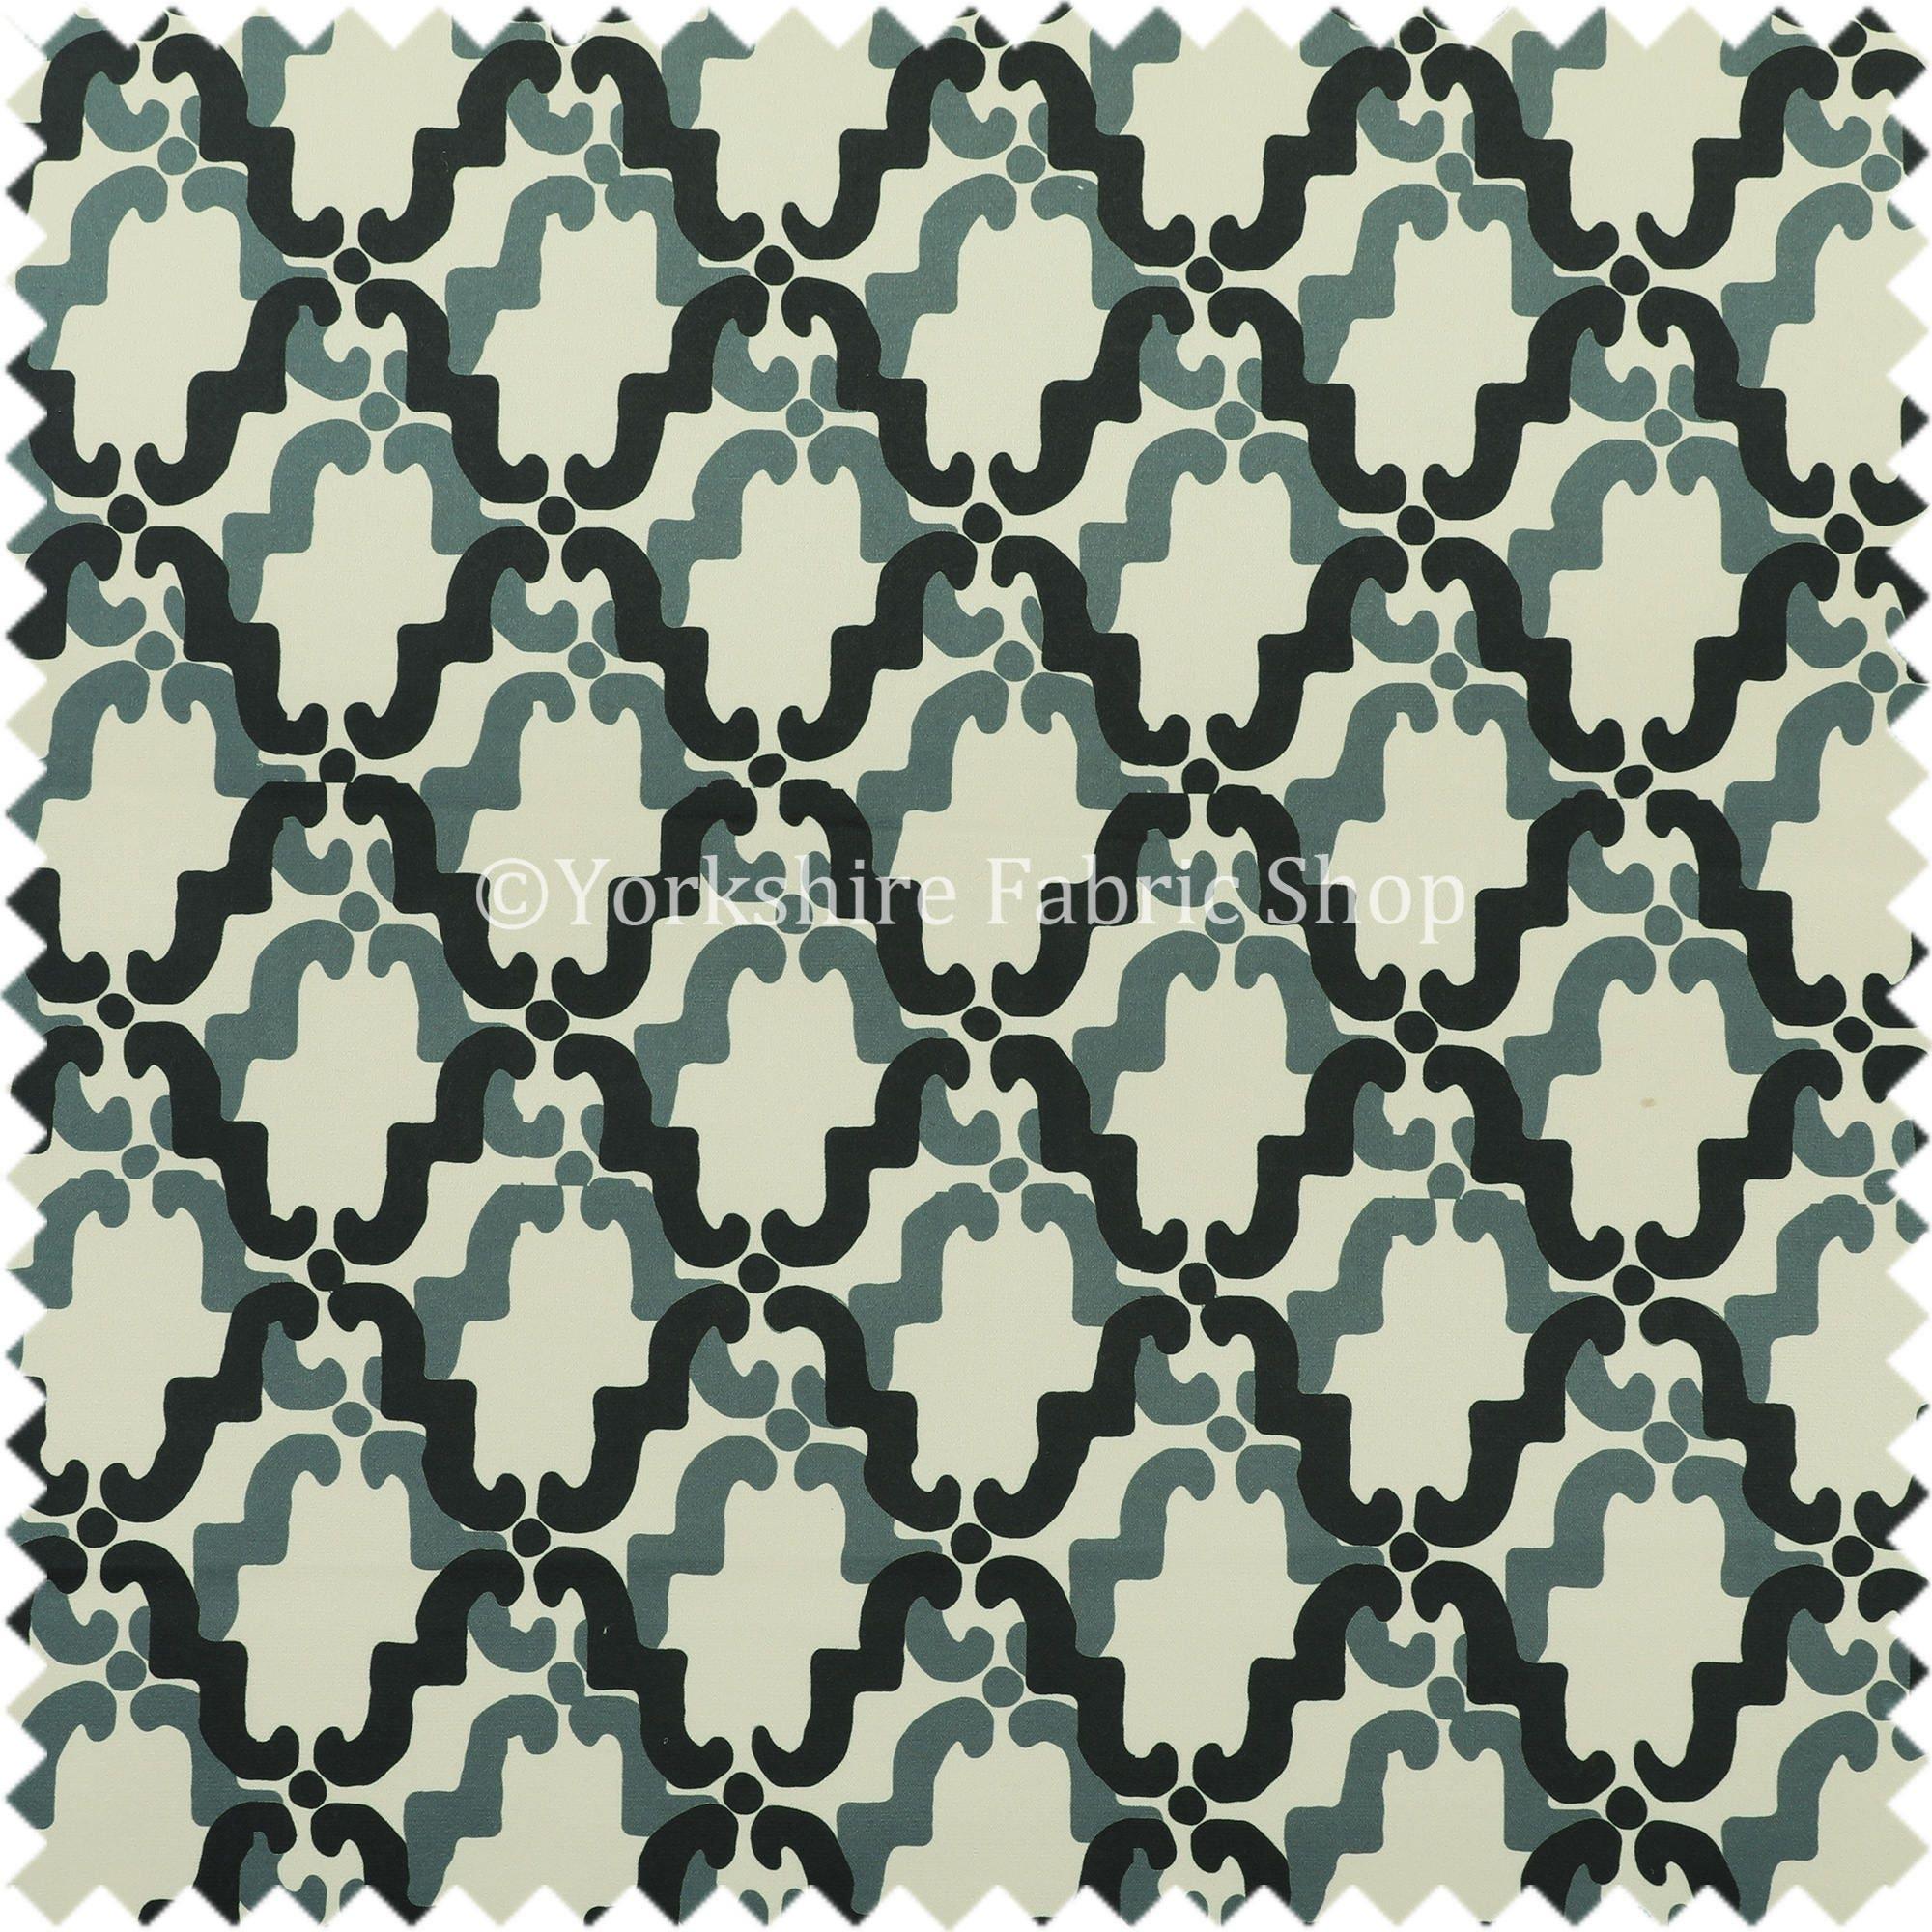 Velours imprimé moderne géométrique médaillon médaillon médaillon noir bleu motif tissu d'ameublement - vendu par le tissu de longueur de 10 mètres 074bb2